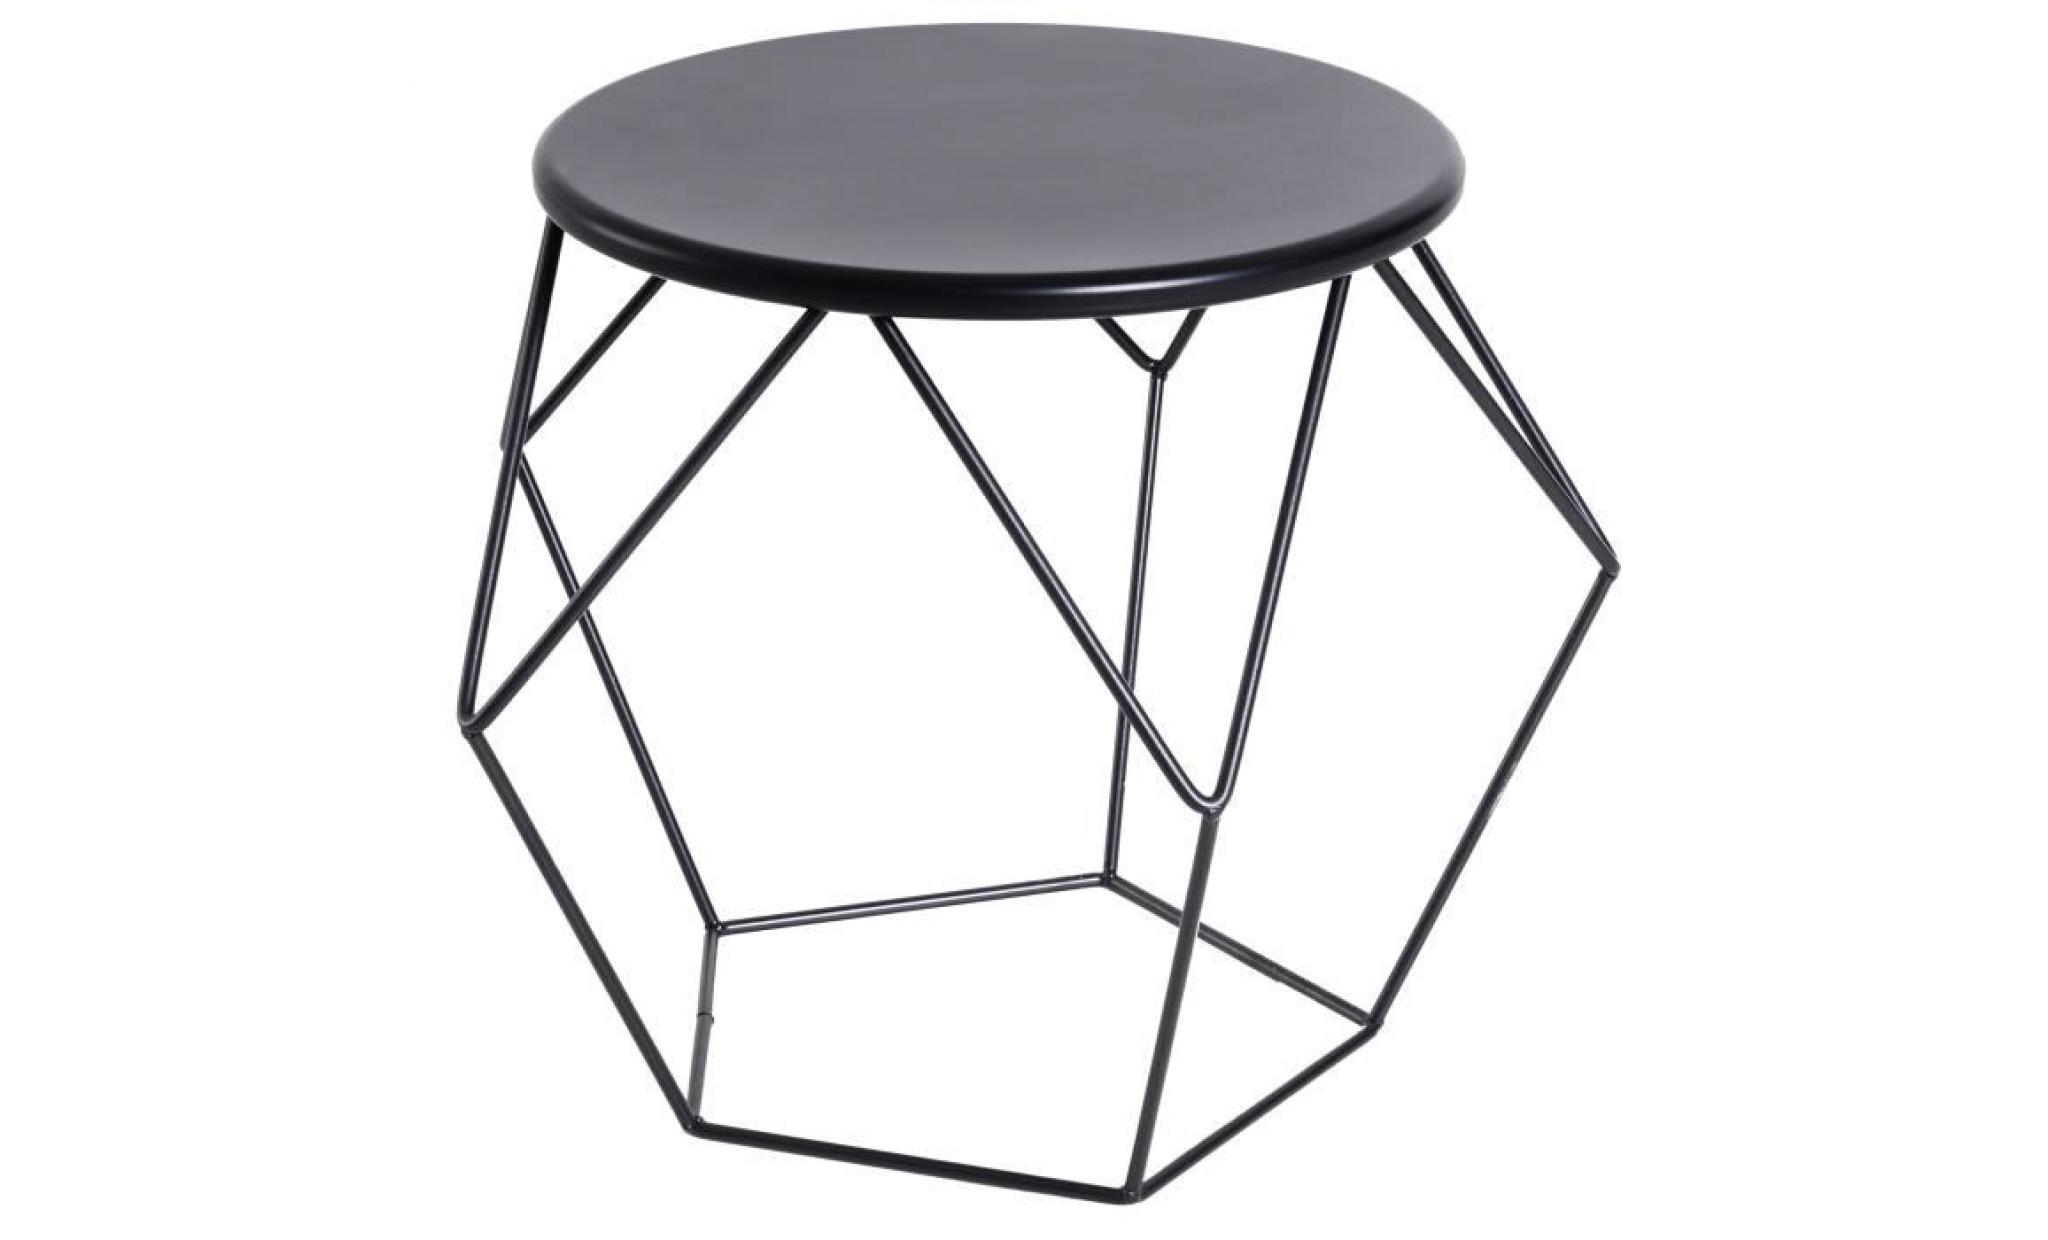 Table Basse Ronde Design Industriel Néo Rétro Dim 54l X 54l X 44h Cm Plateau ø 40 Cm Acier Noir 54x54x44cm Noir